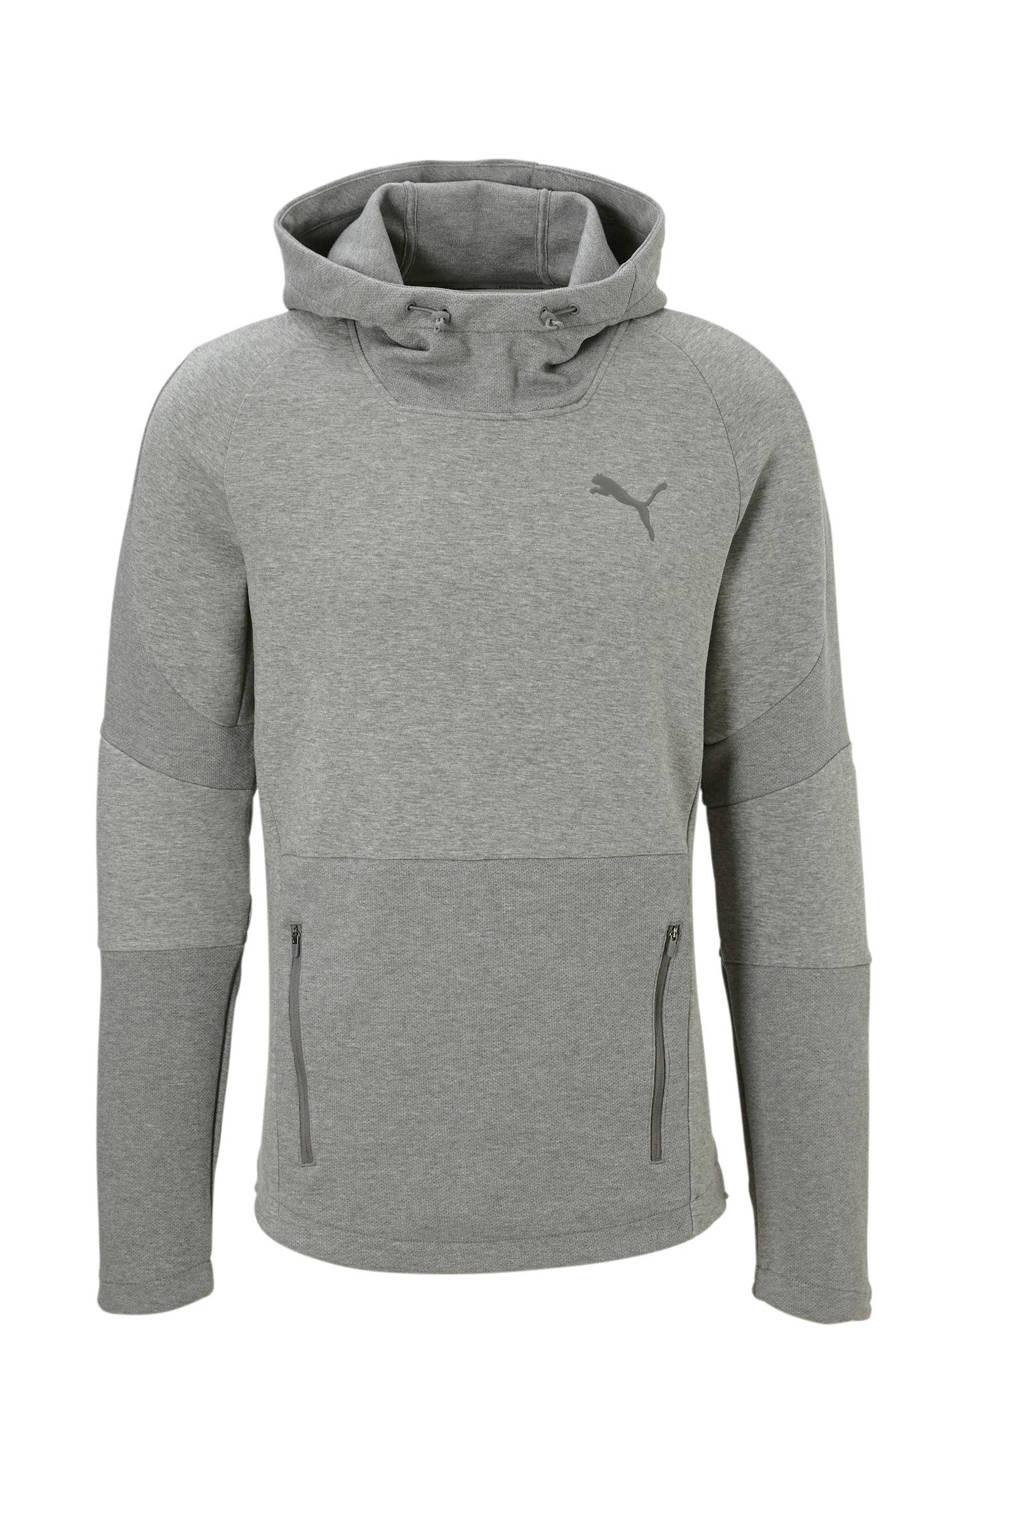 Puma   hoodie, Grijs melange